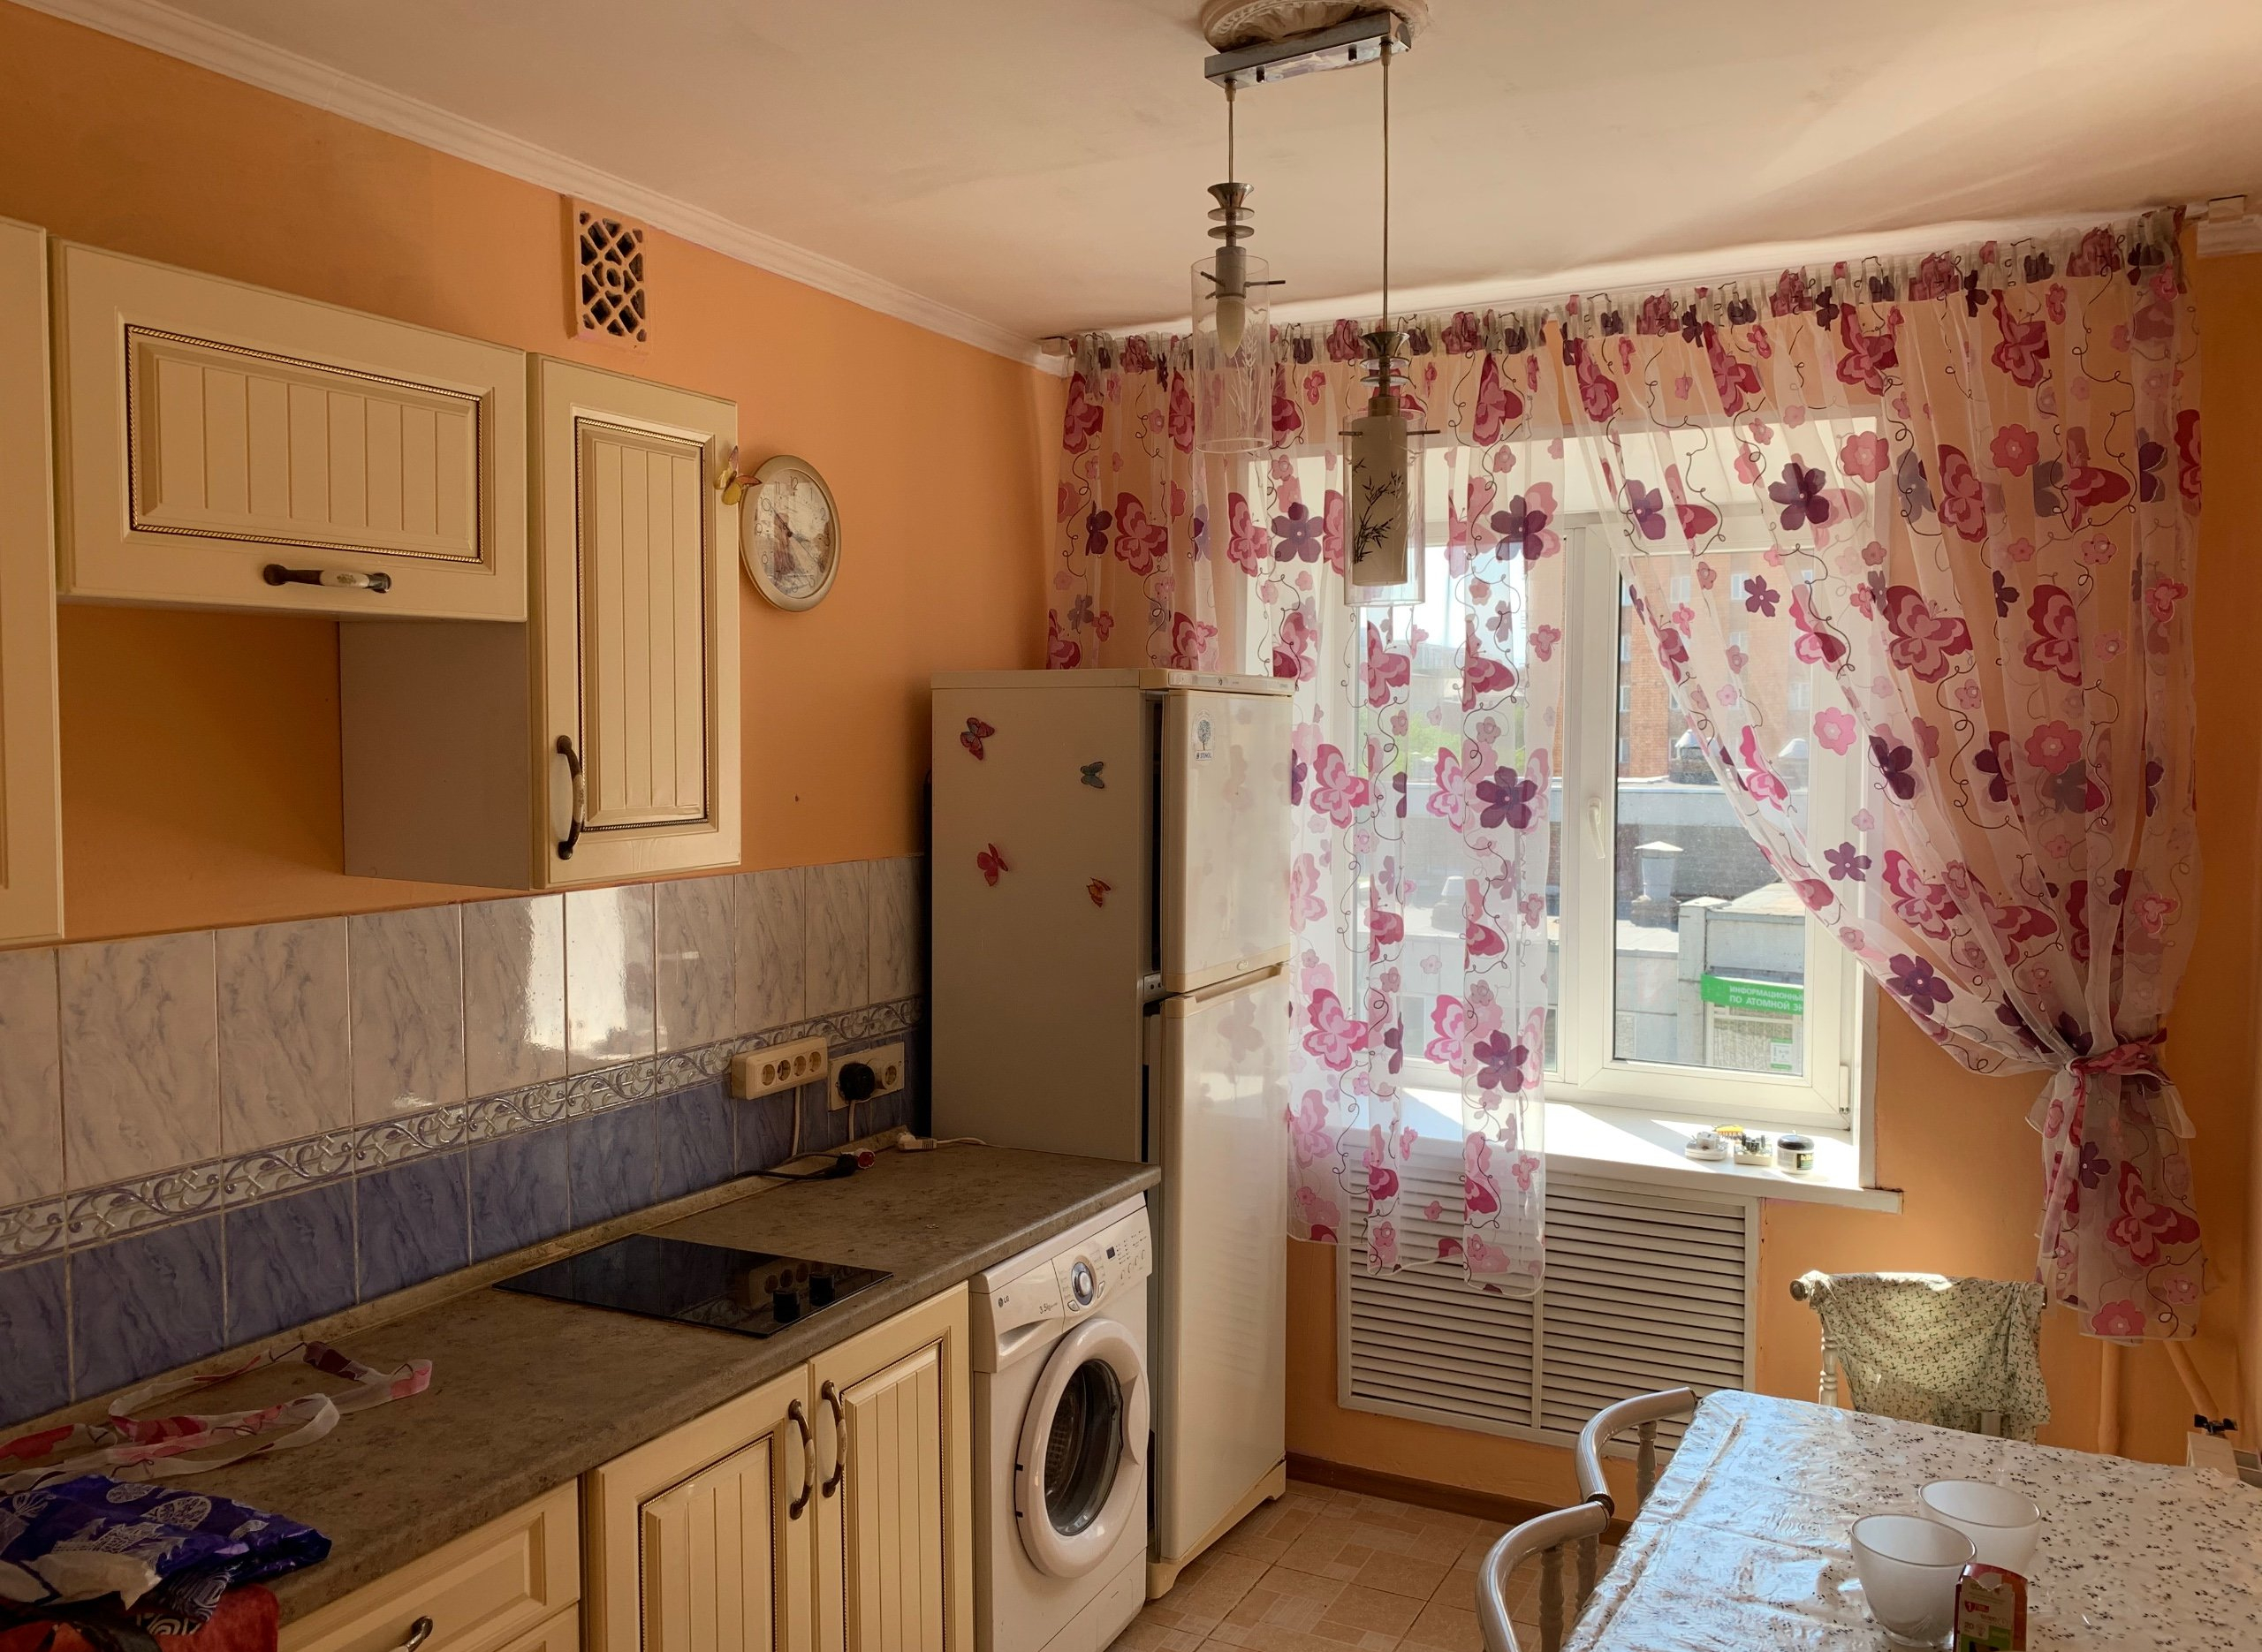 2к квартира ул Ады Лебедевой, д 66   24500   аренда в Красноярске фото 0